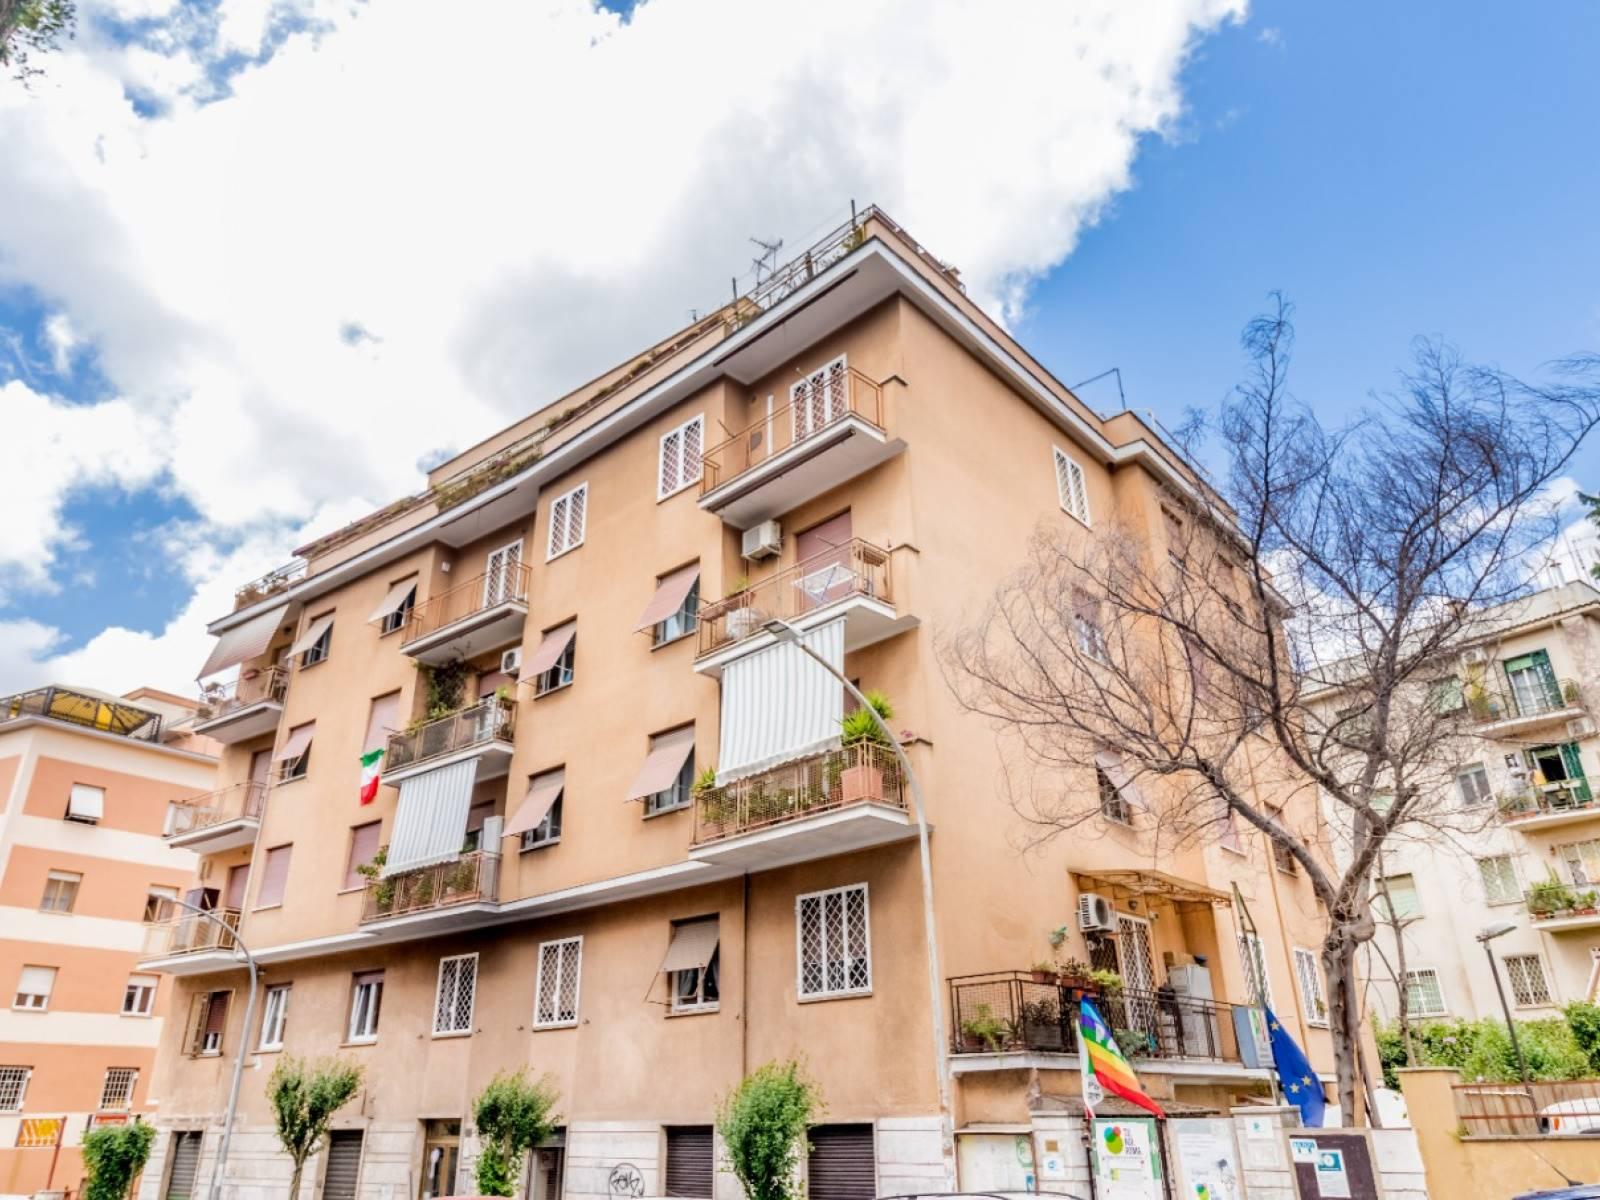 Appartamento in vendita a Roma, 2 locali, zona Zona: 26 . Gregorio VII - Baldo degli Ubaldi, prezzo € 275.000 | CambioCasa.it